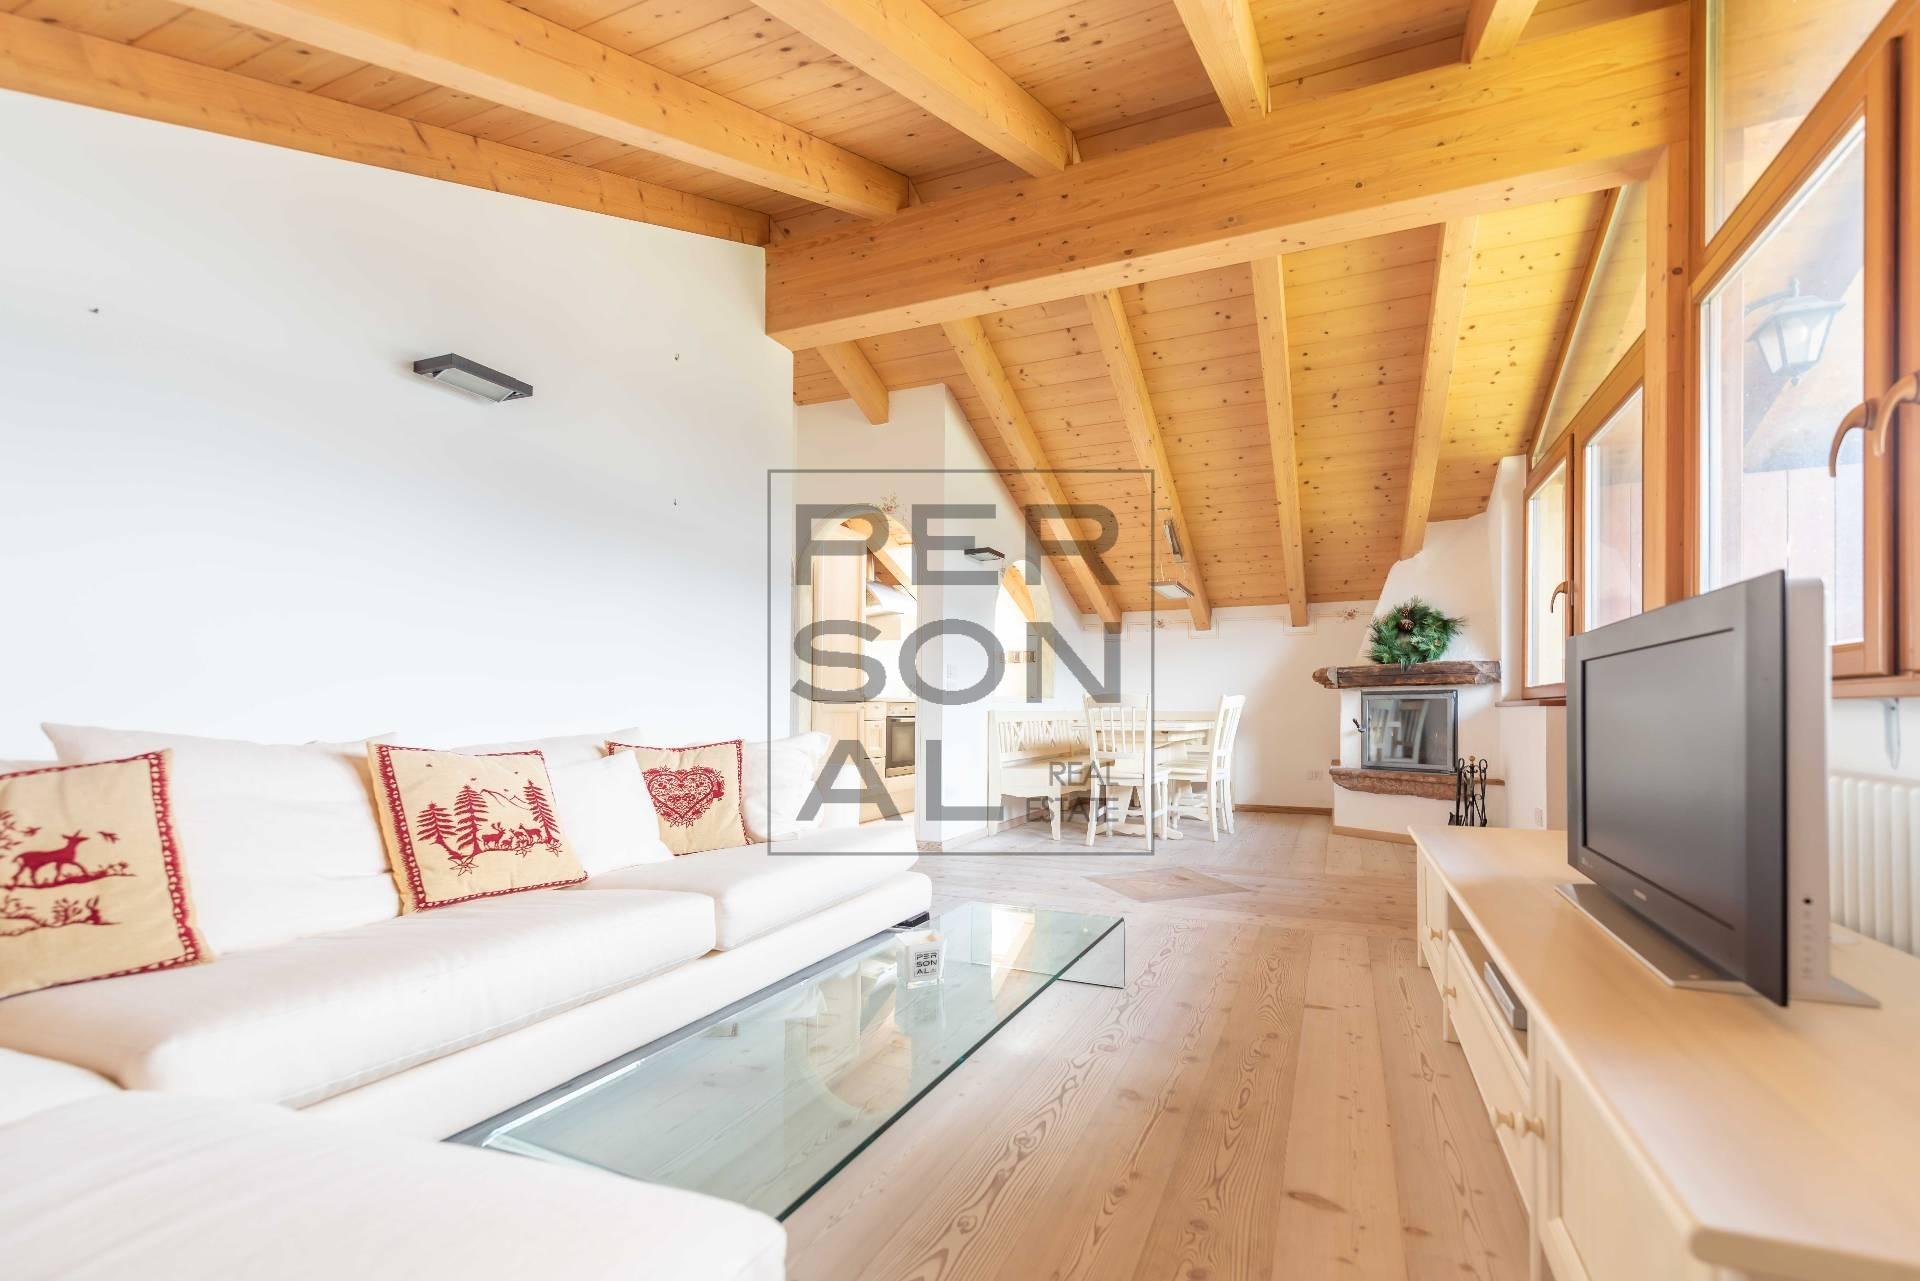 Appartamento in vendita a Cavalese, 4 locali, prezzo € 447.000 | CambioCasa.it